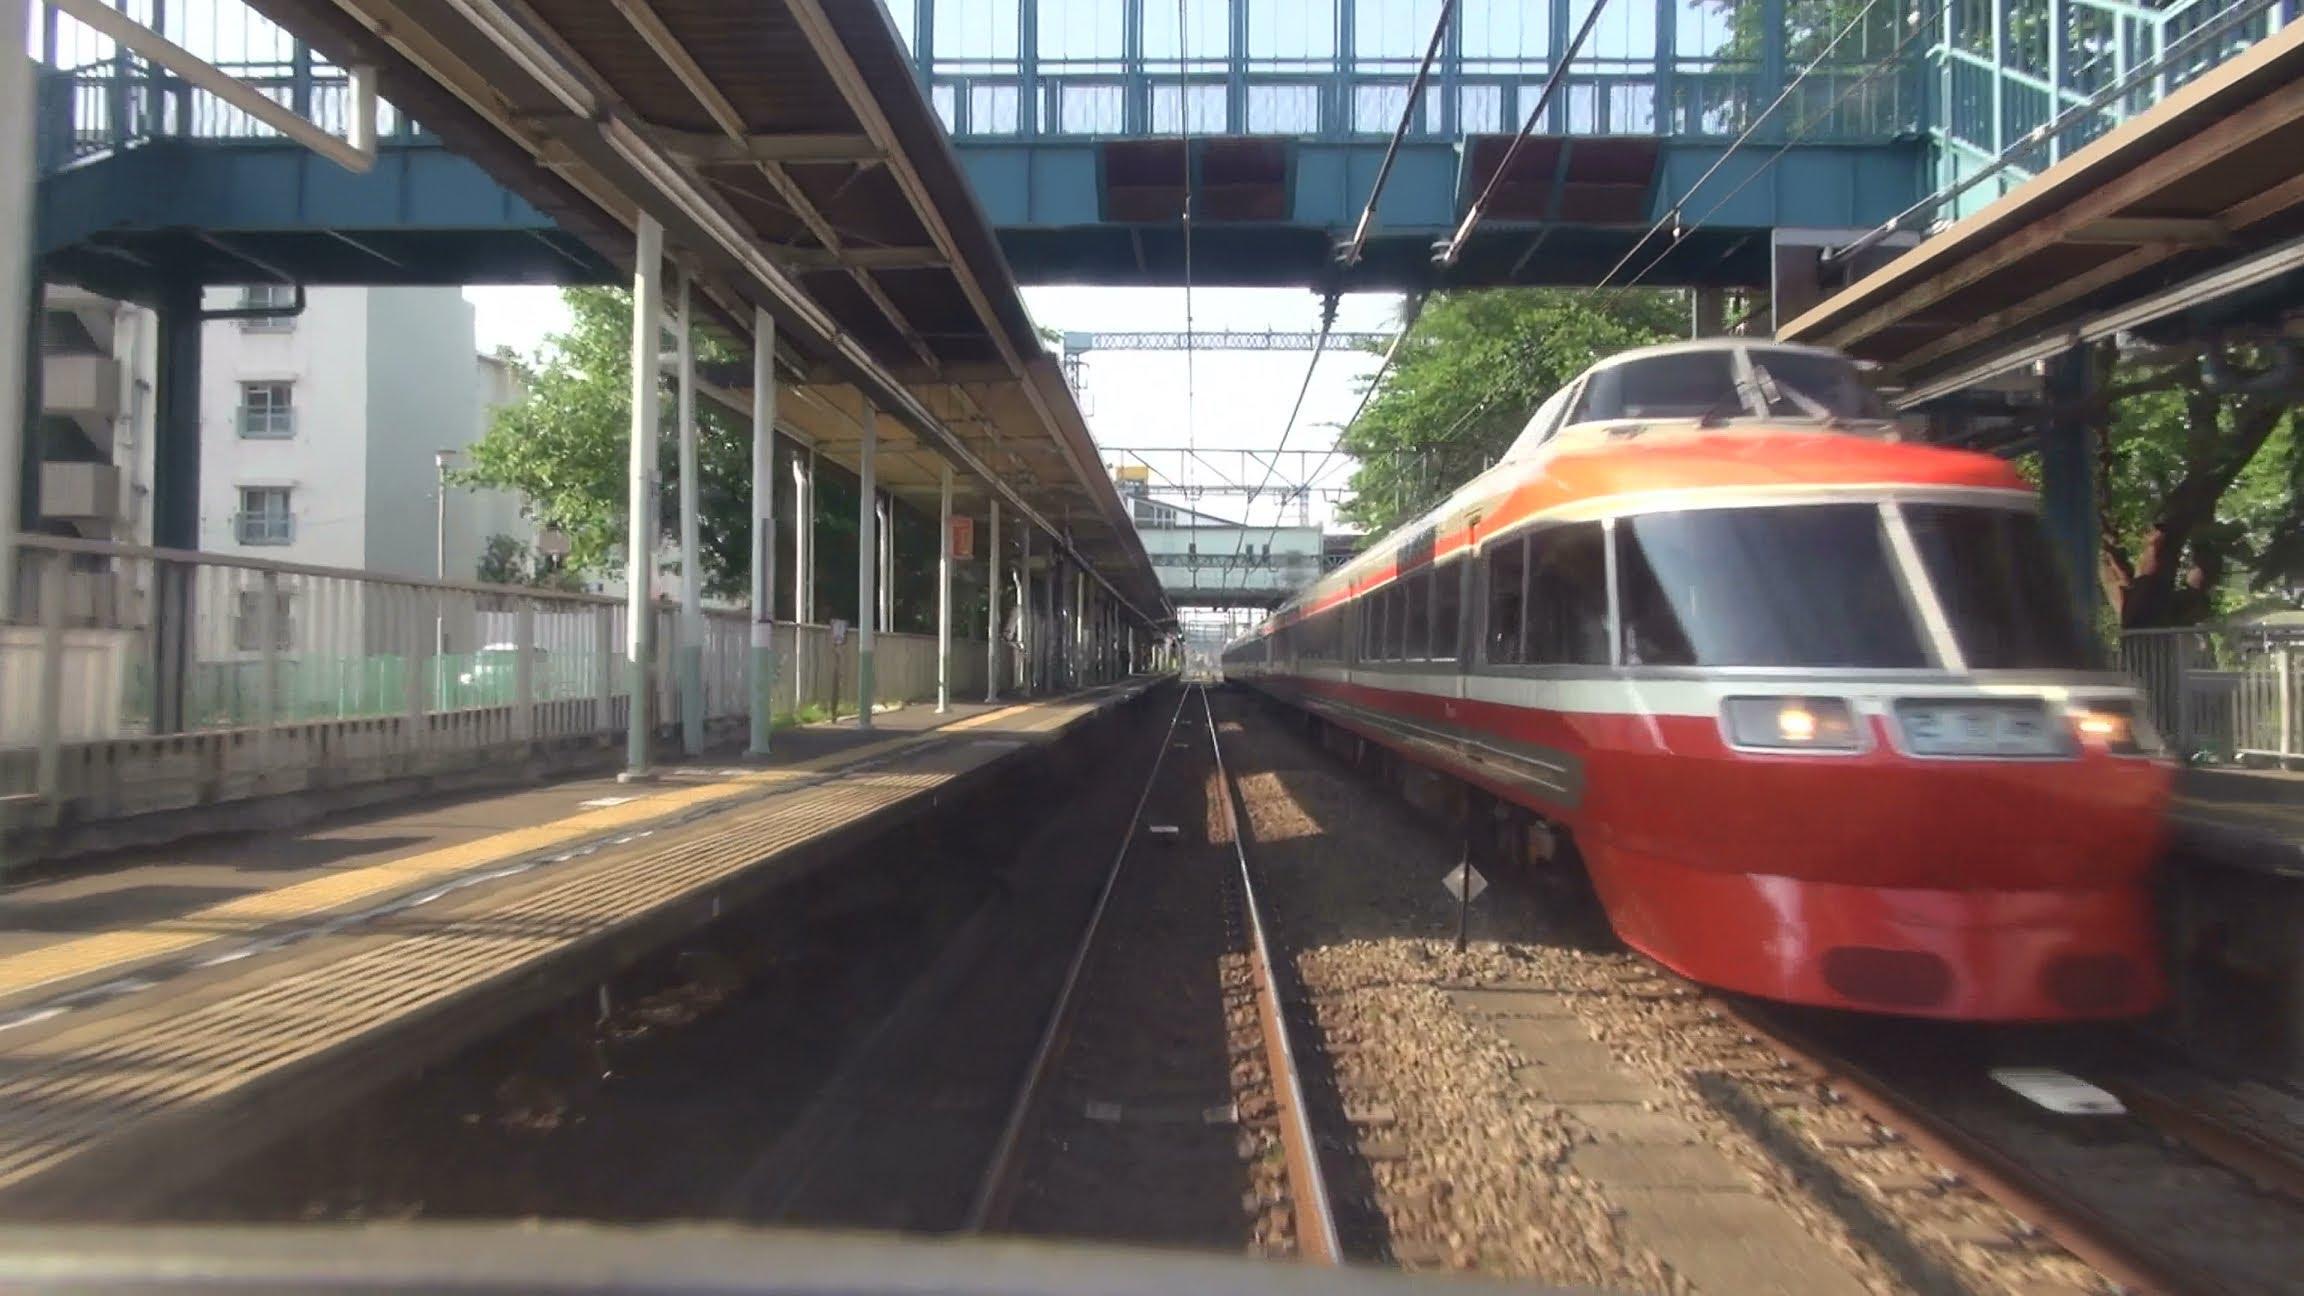 小田急小田原線 前面展望映像 新宿→箱根湯本 特急ロマンスカー7000形LSE